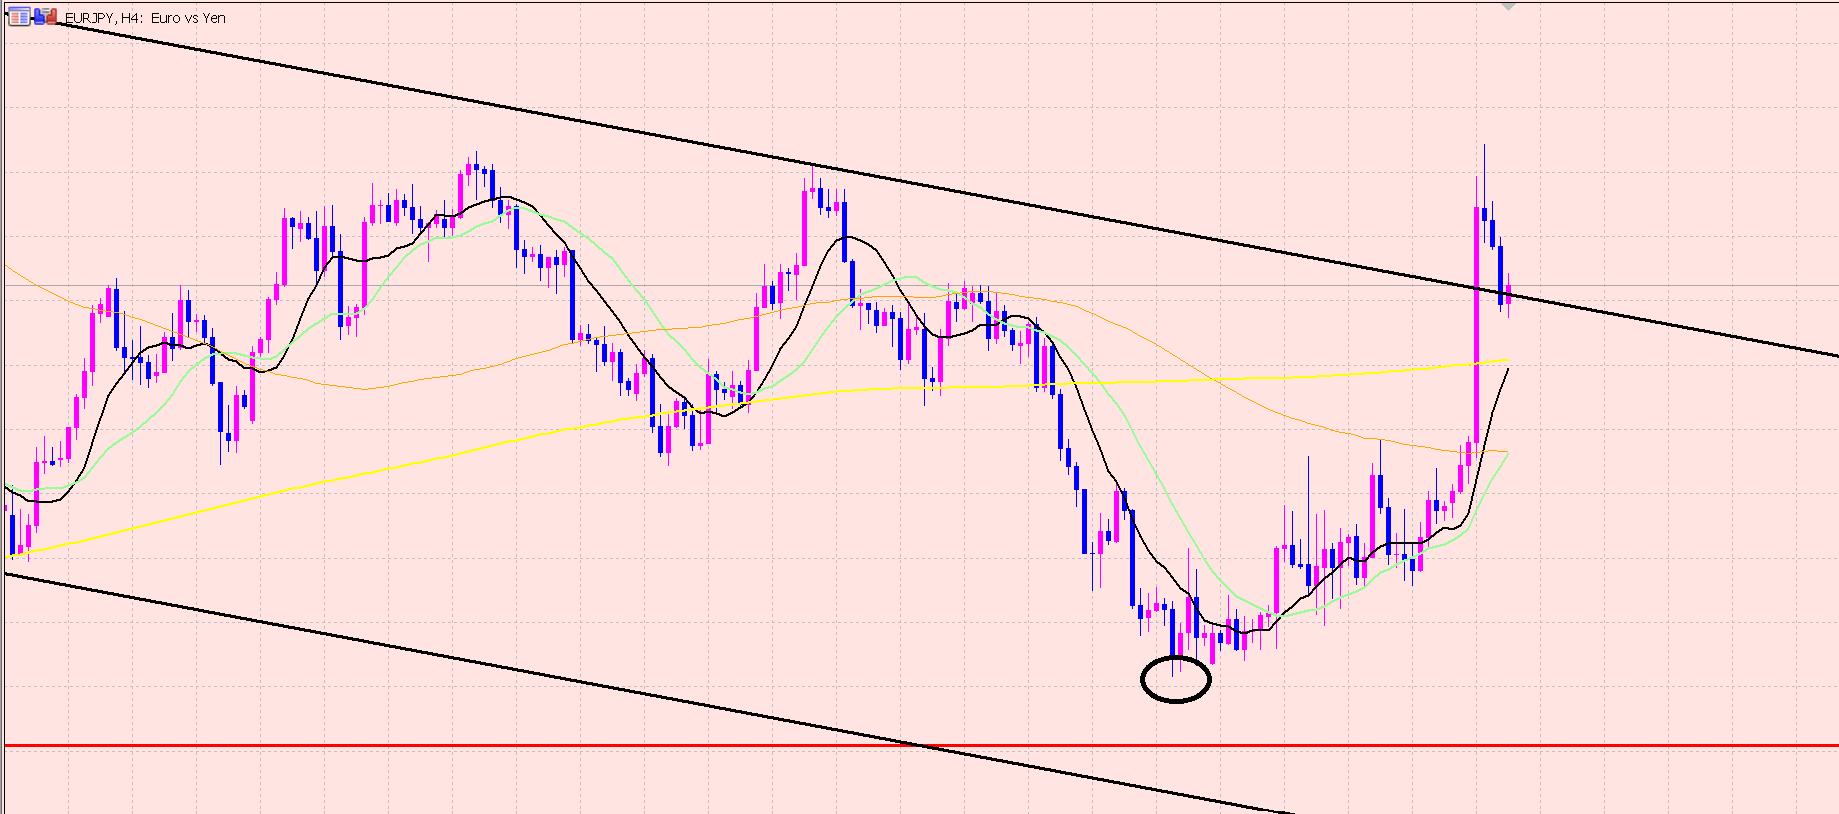 ユーロ円 トレンドライン越え♫